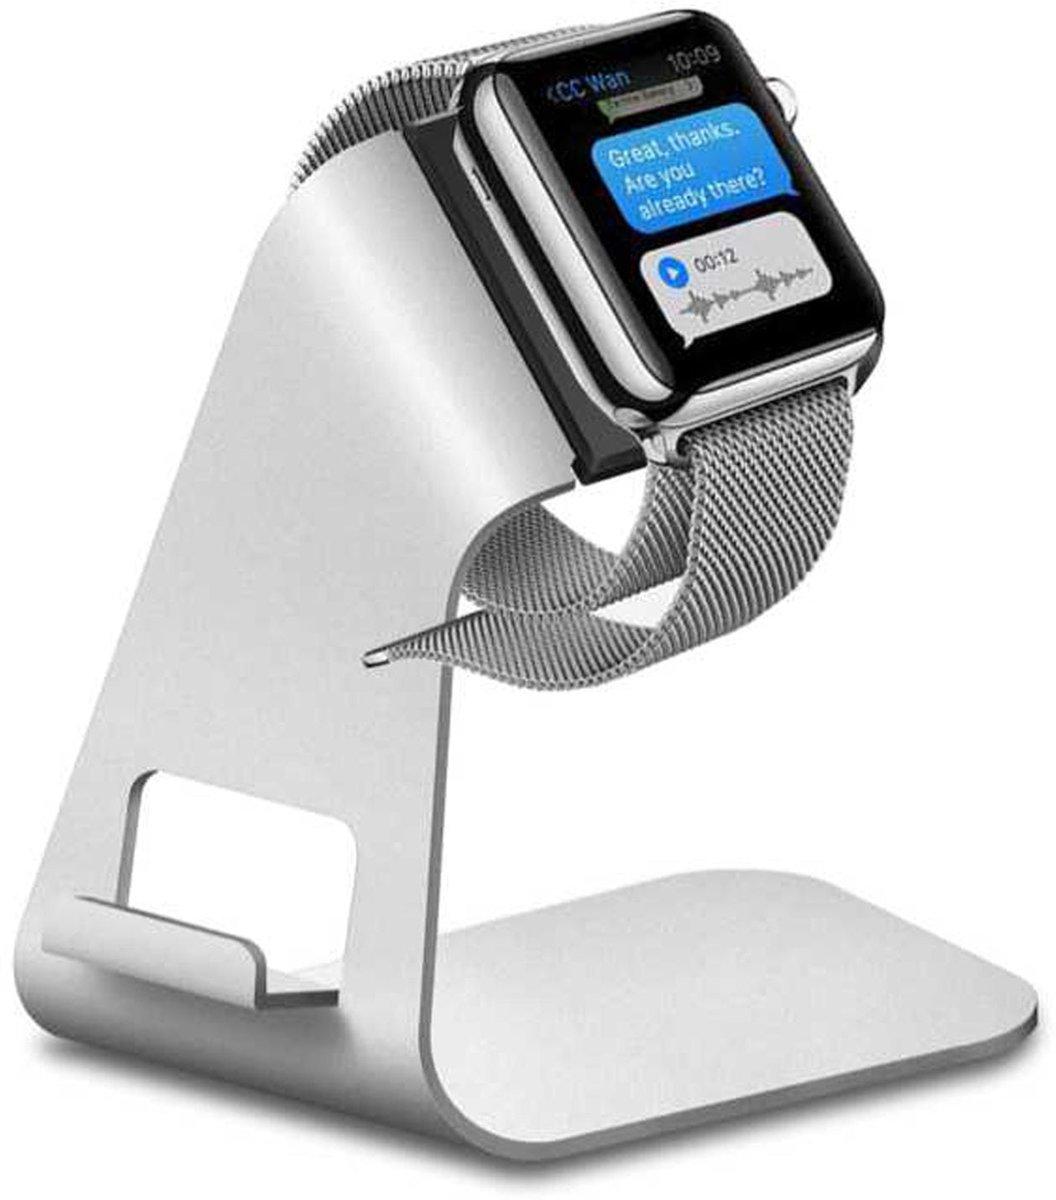 2 in 1 Apple watch stand hoog - Zilver | Watchbands-shop.nl kopen